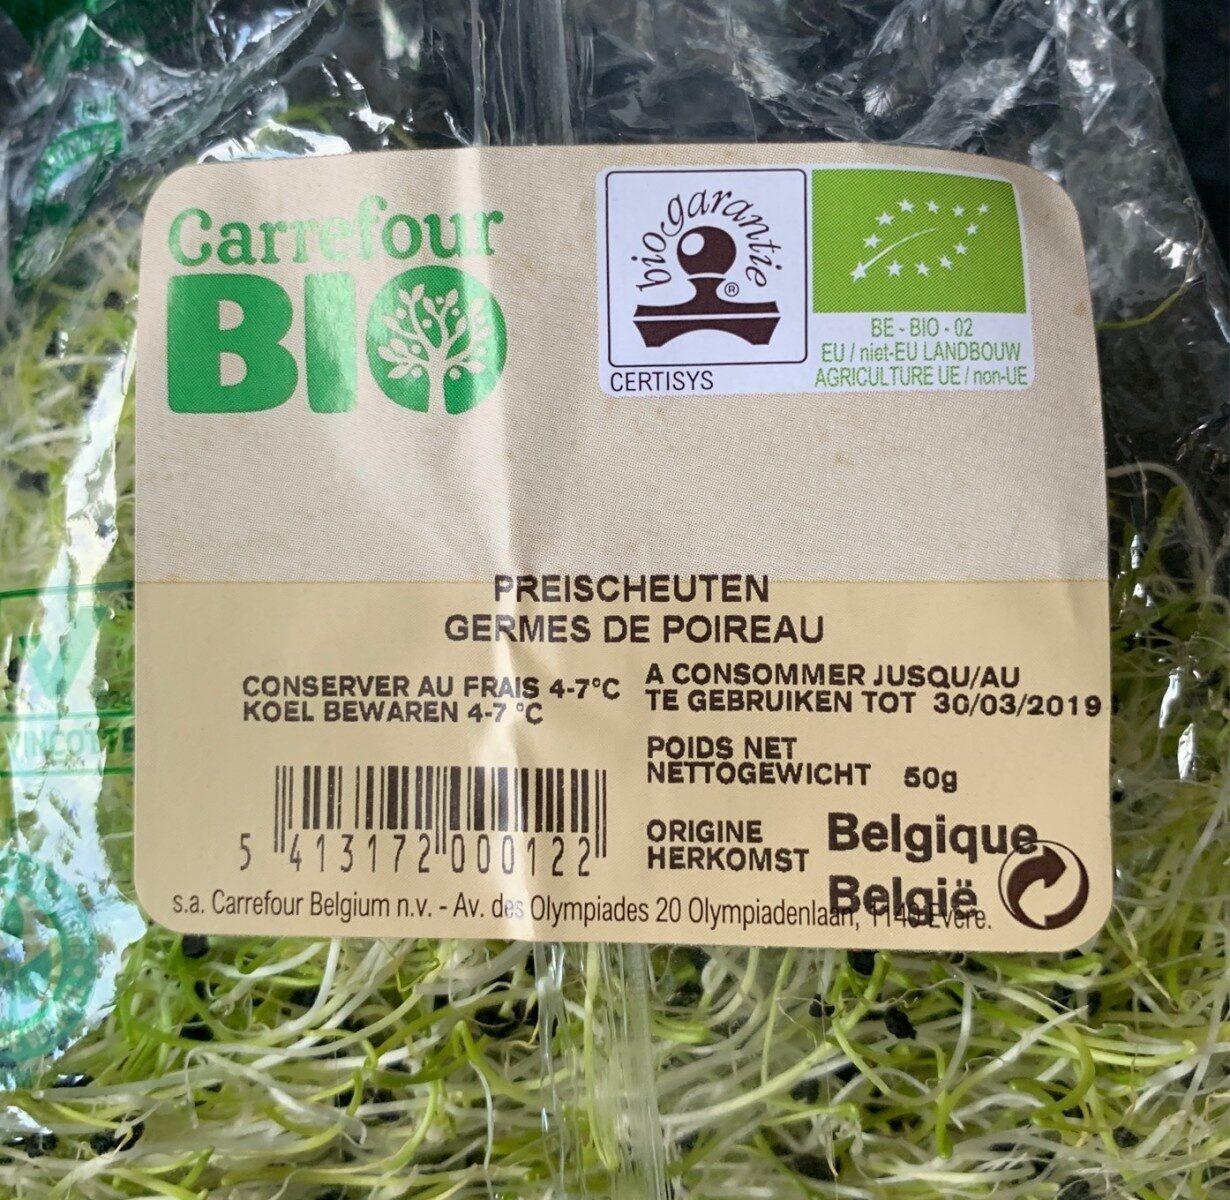 Germes de poireau - Product - fr